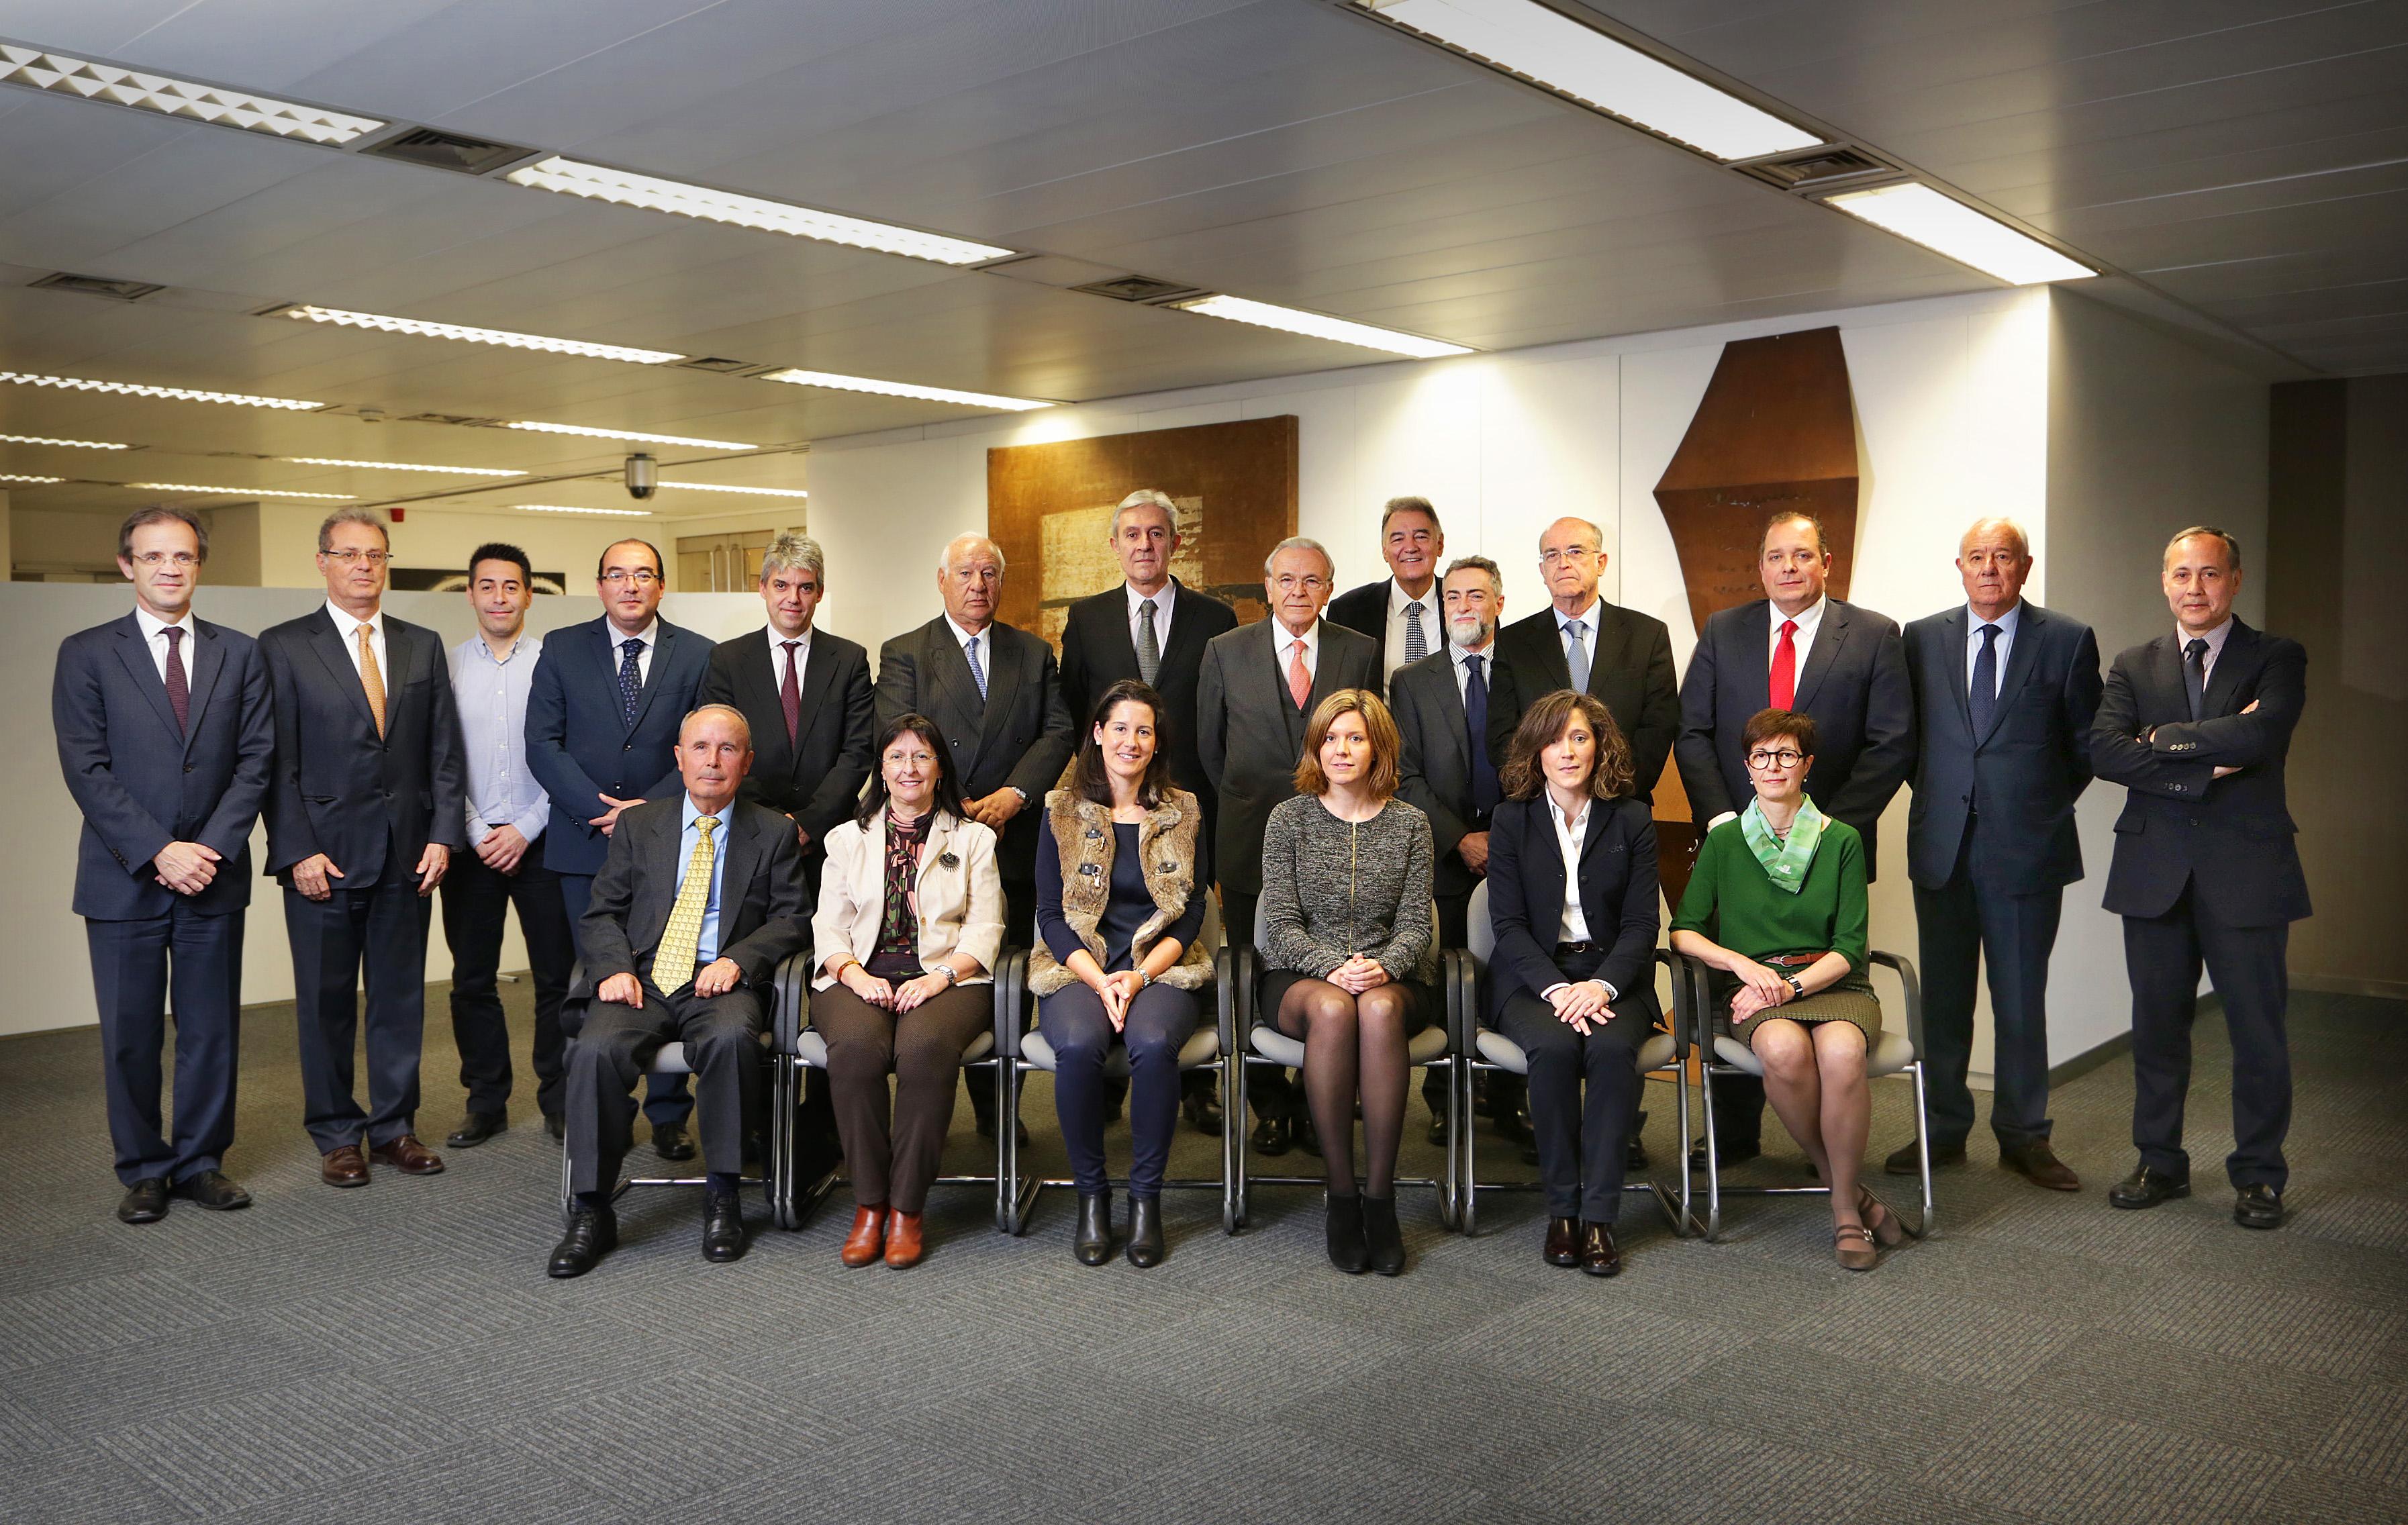 17.03.2016, Barcelona Sr Isidre Fainé, President de La Caixa, es reuneix amb el Comitè Consultiu d'Accionistes de CaixaBank als SSCC de La Caixa.